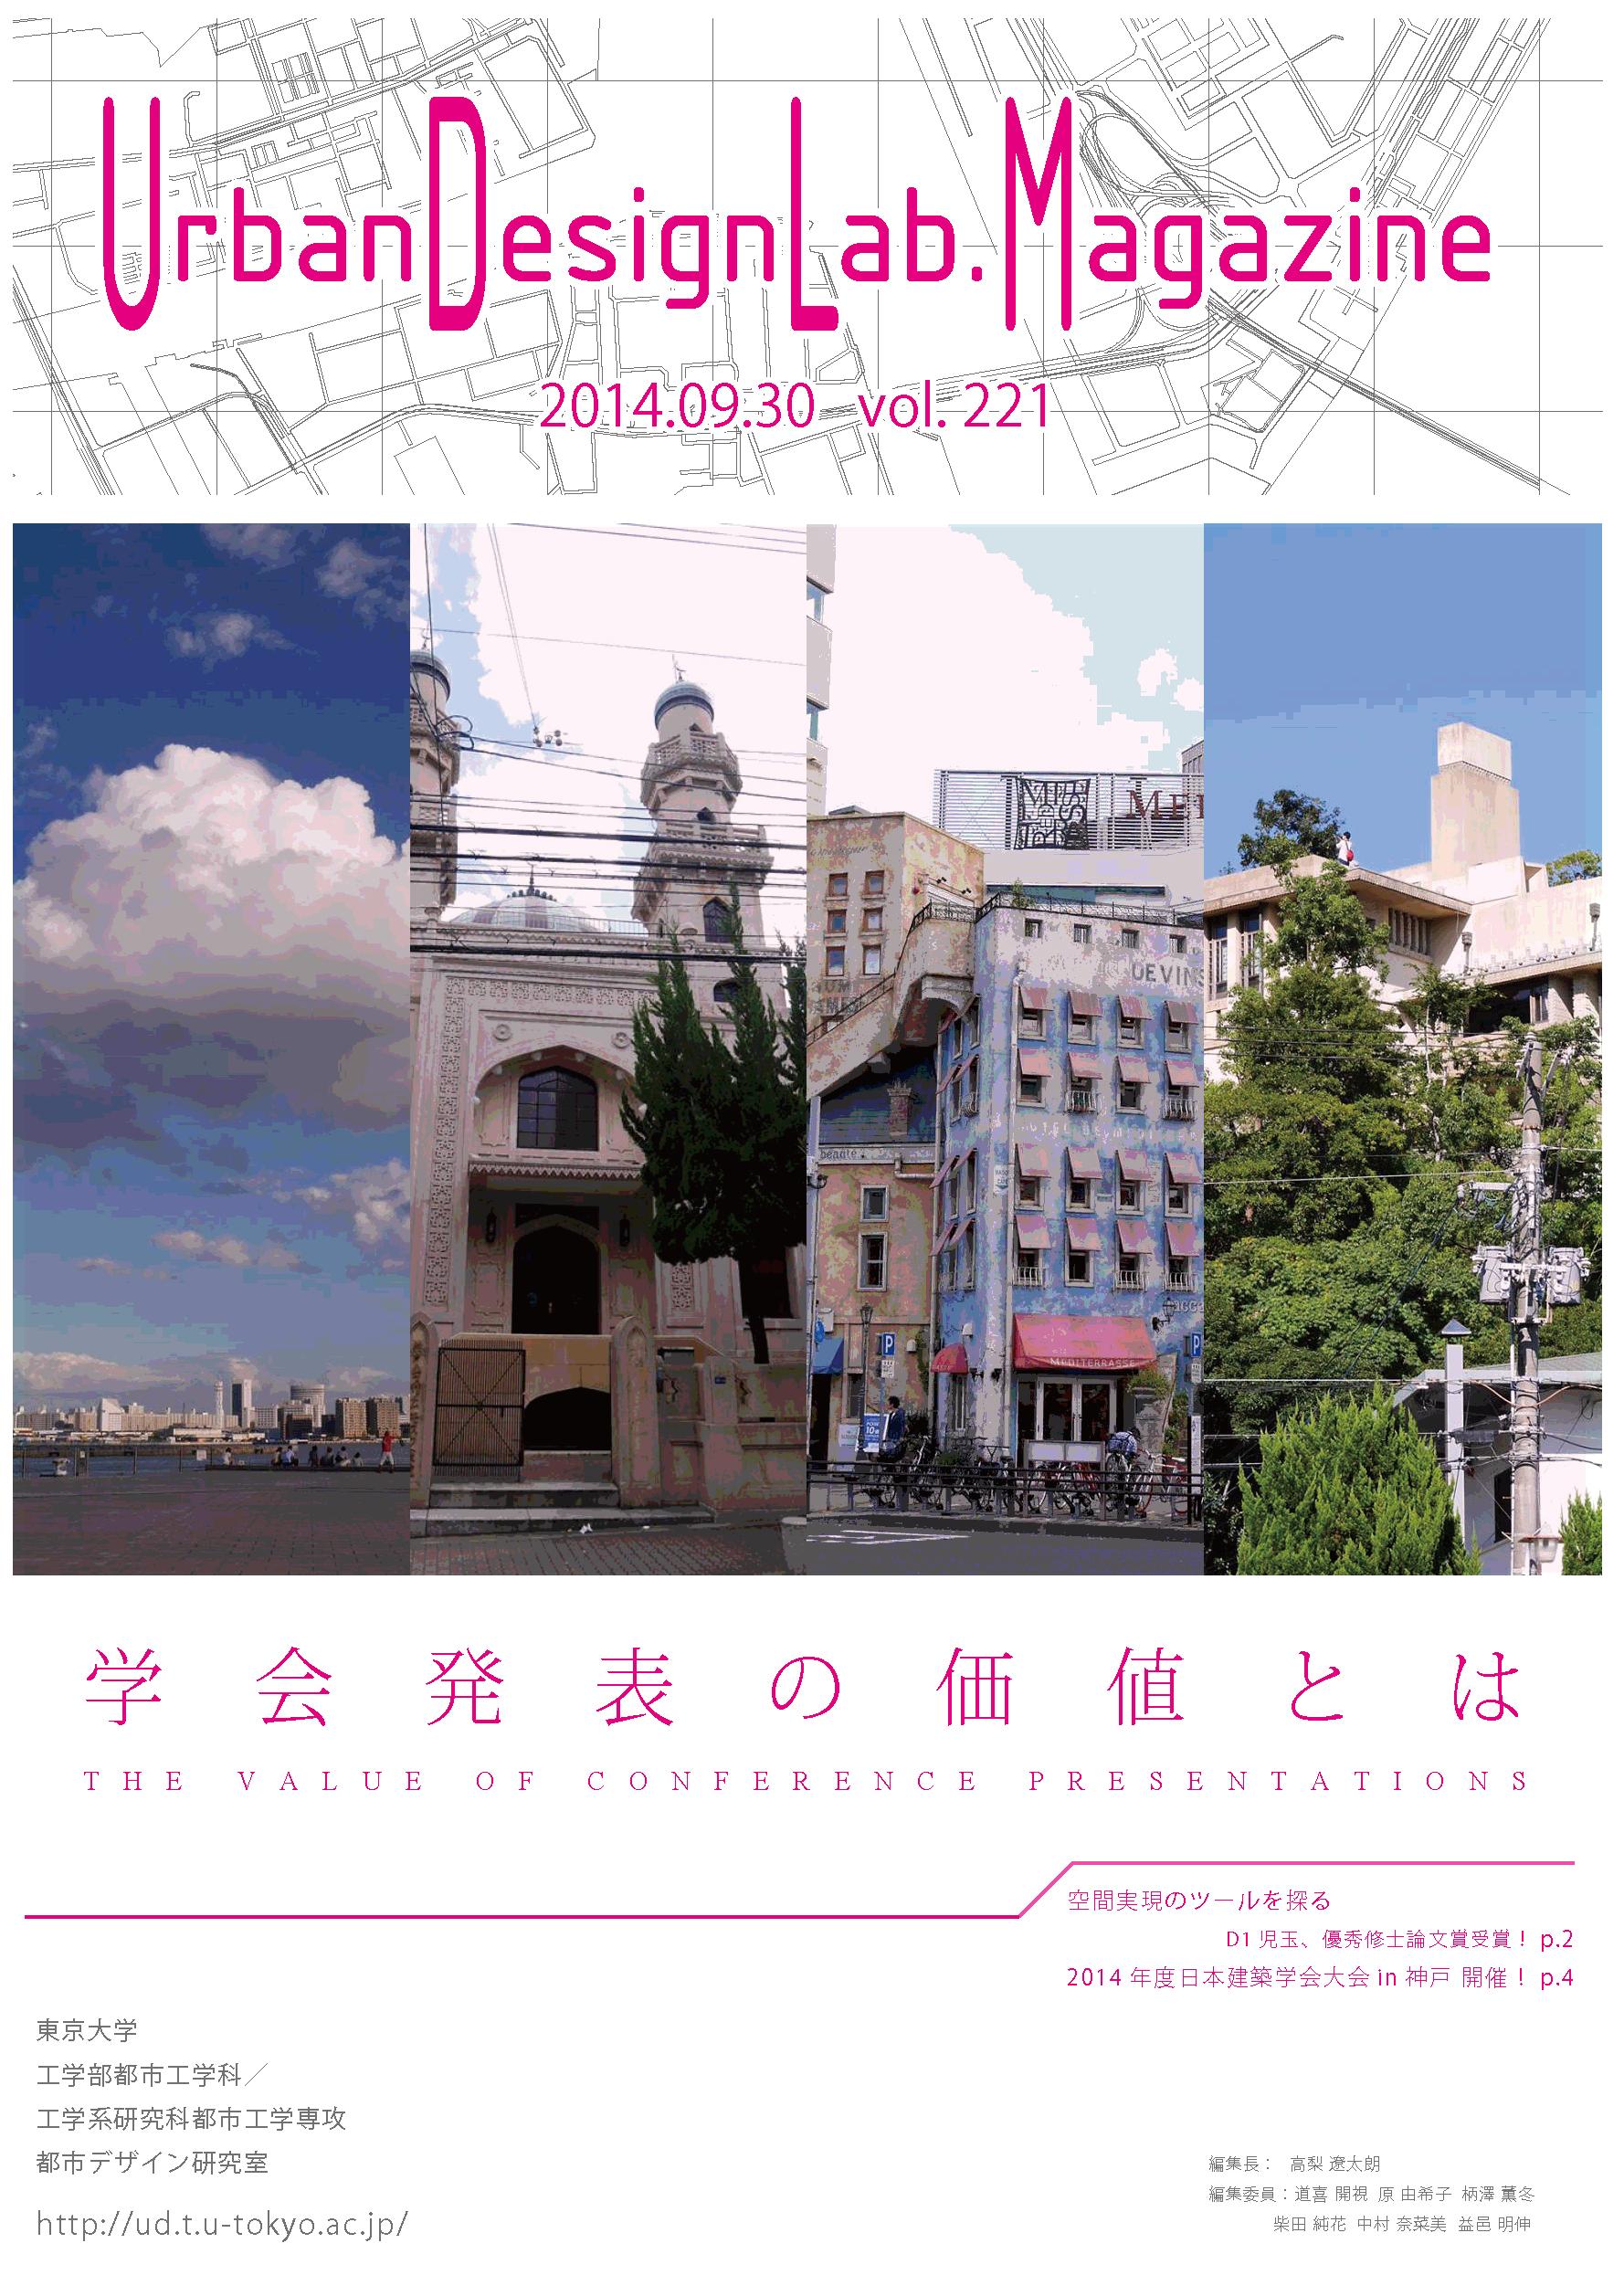 http://ud.t.u-tokyo.ac.jp/blog/_images/labmaga221.png